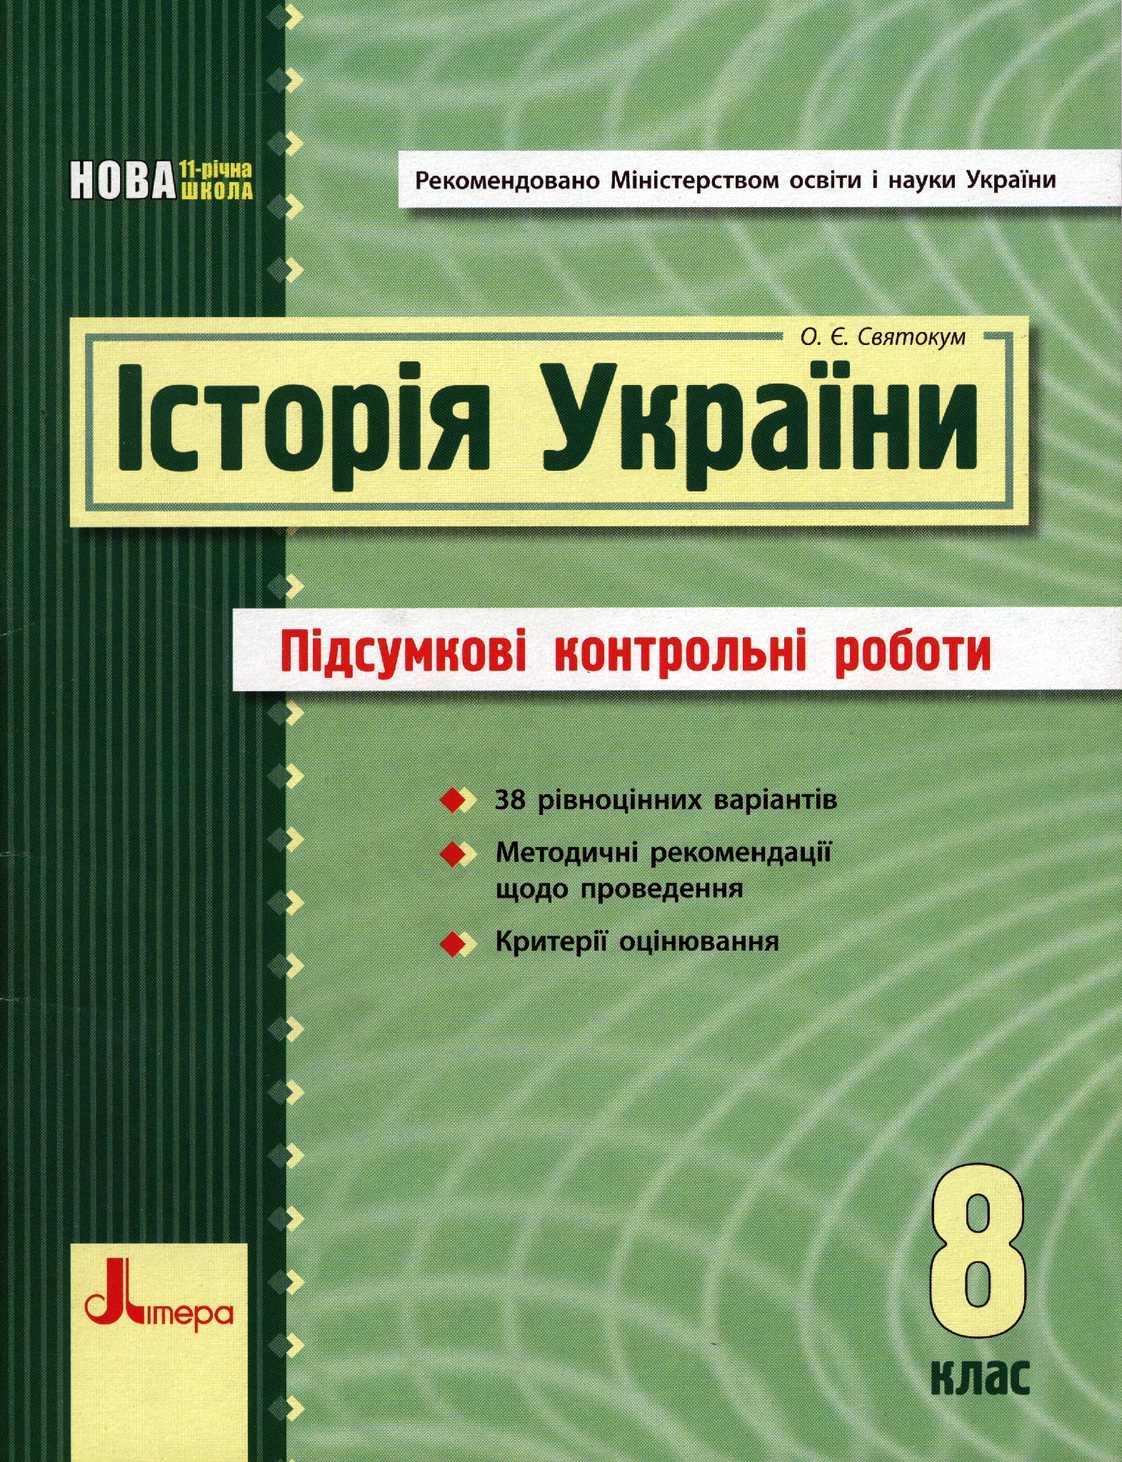 Святокум О.Е. Історія України 8 клас (Підсумкові контрольні роботи)-2011